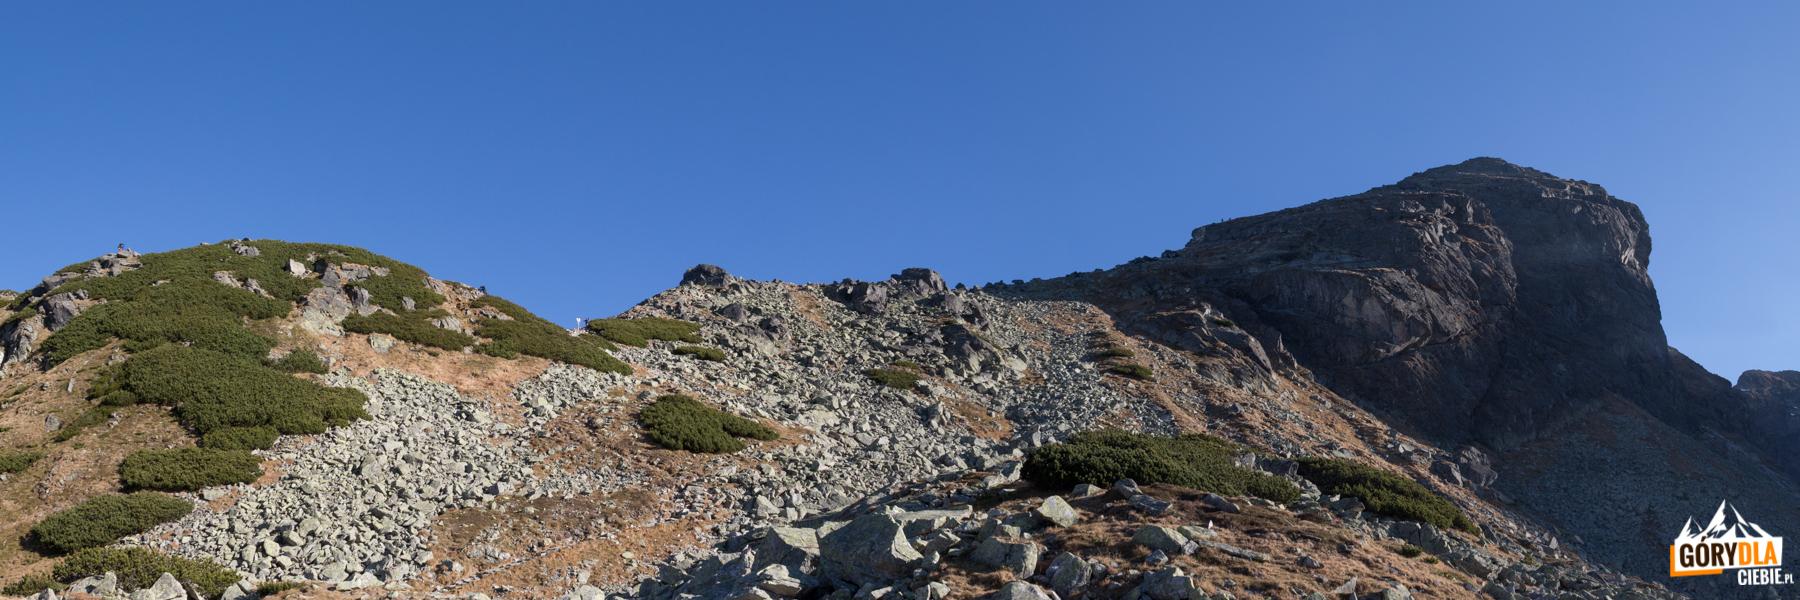 Kościelec widziany spod przełęczy Karb (niebieski szlak)